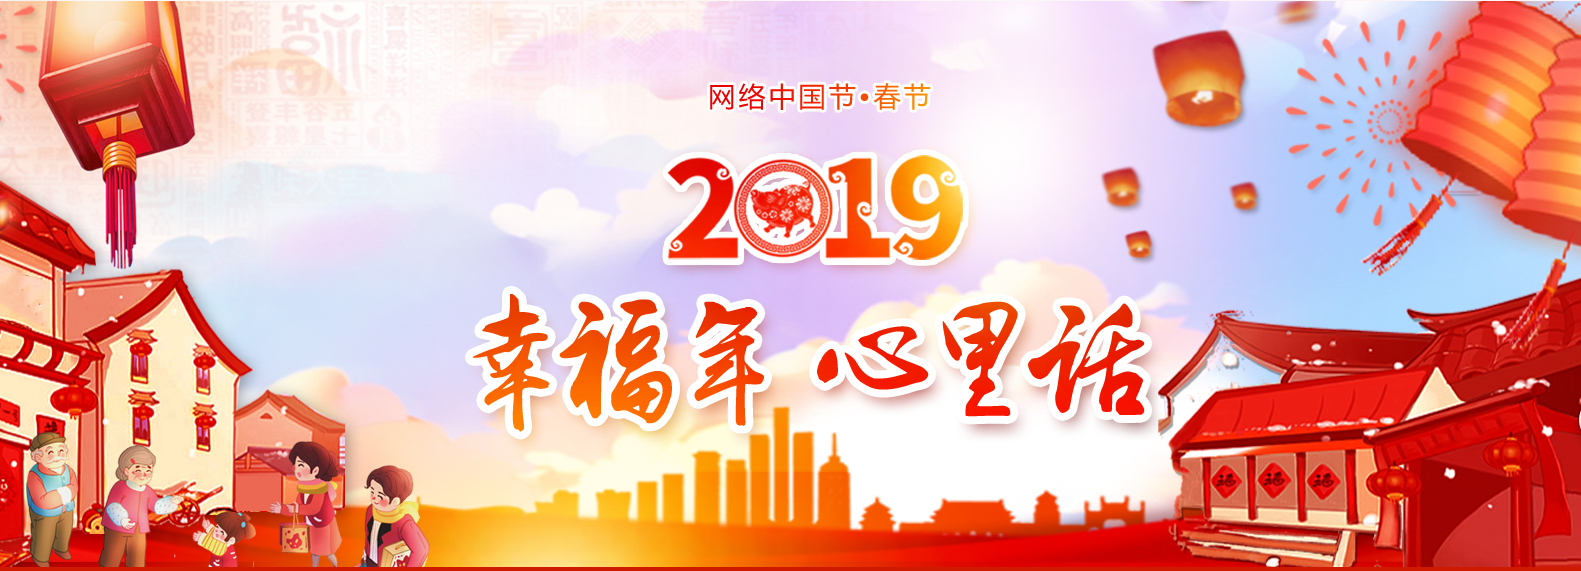 网络中国节·春节:2019 幸福年 心里话